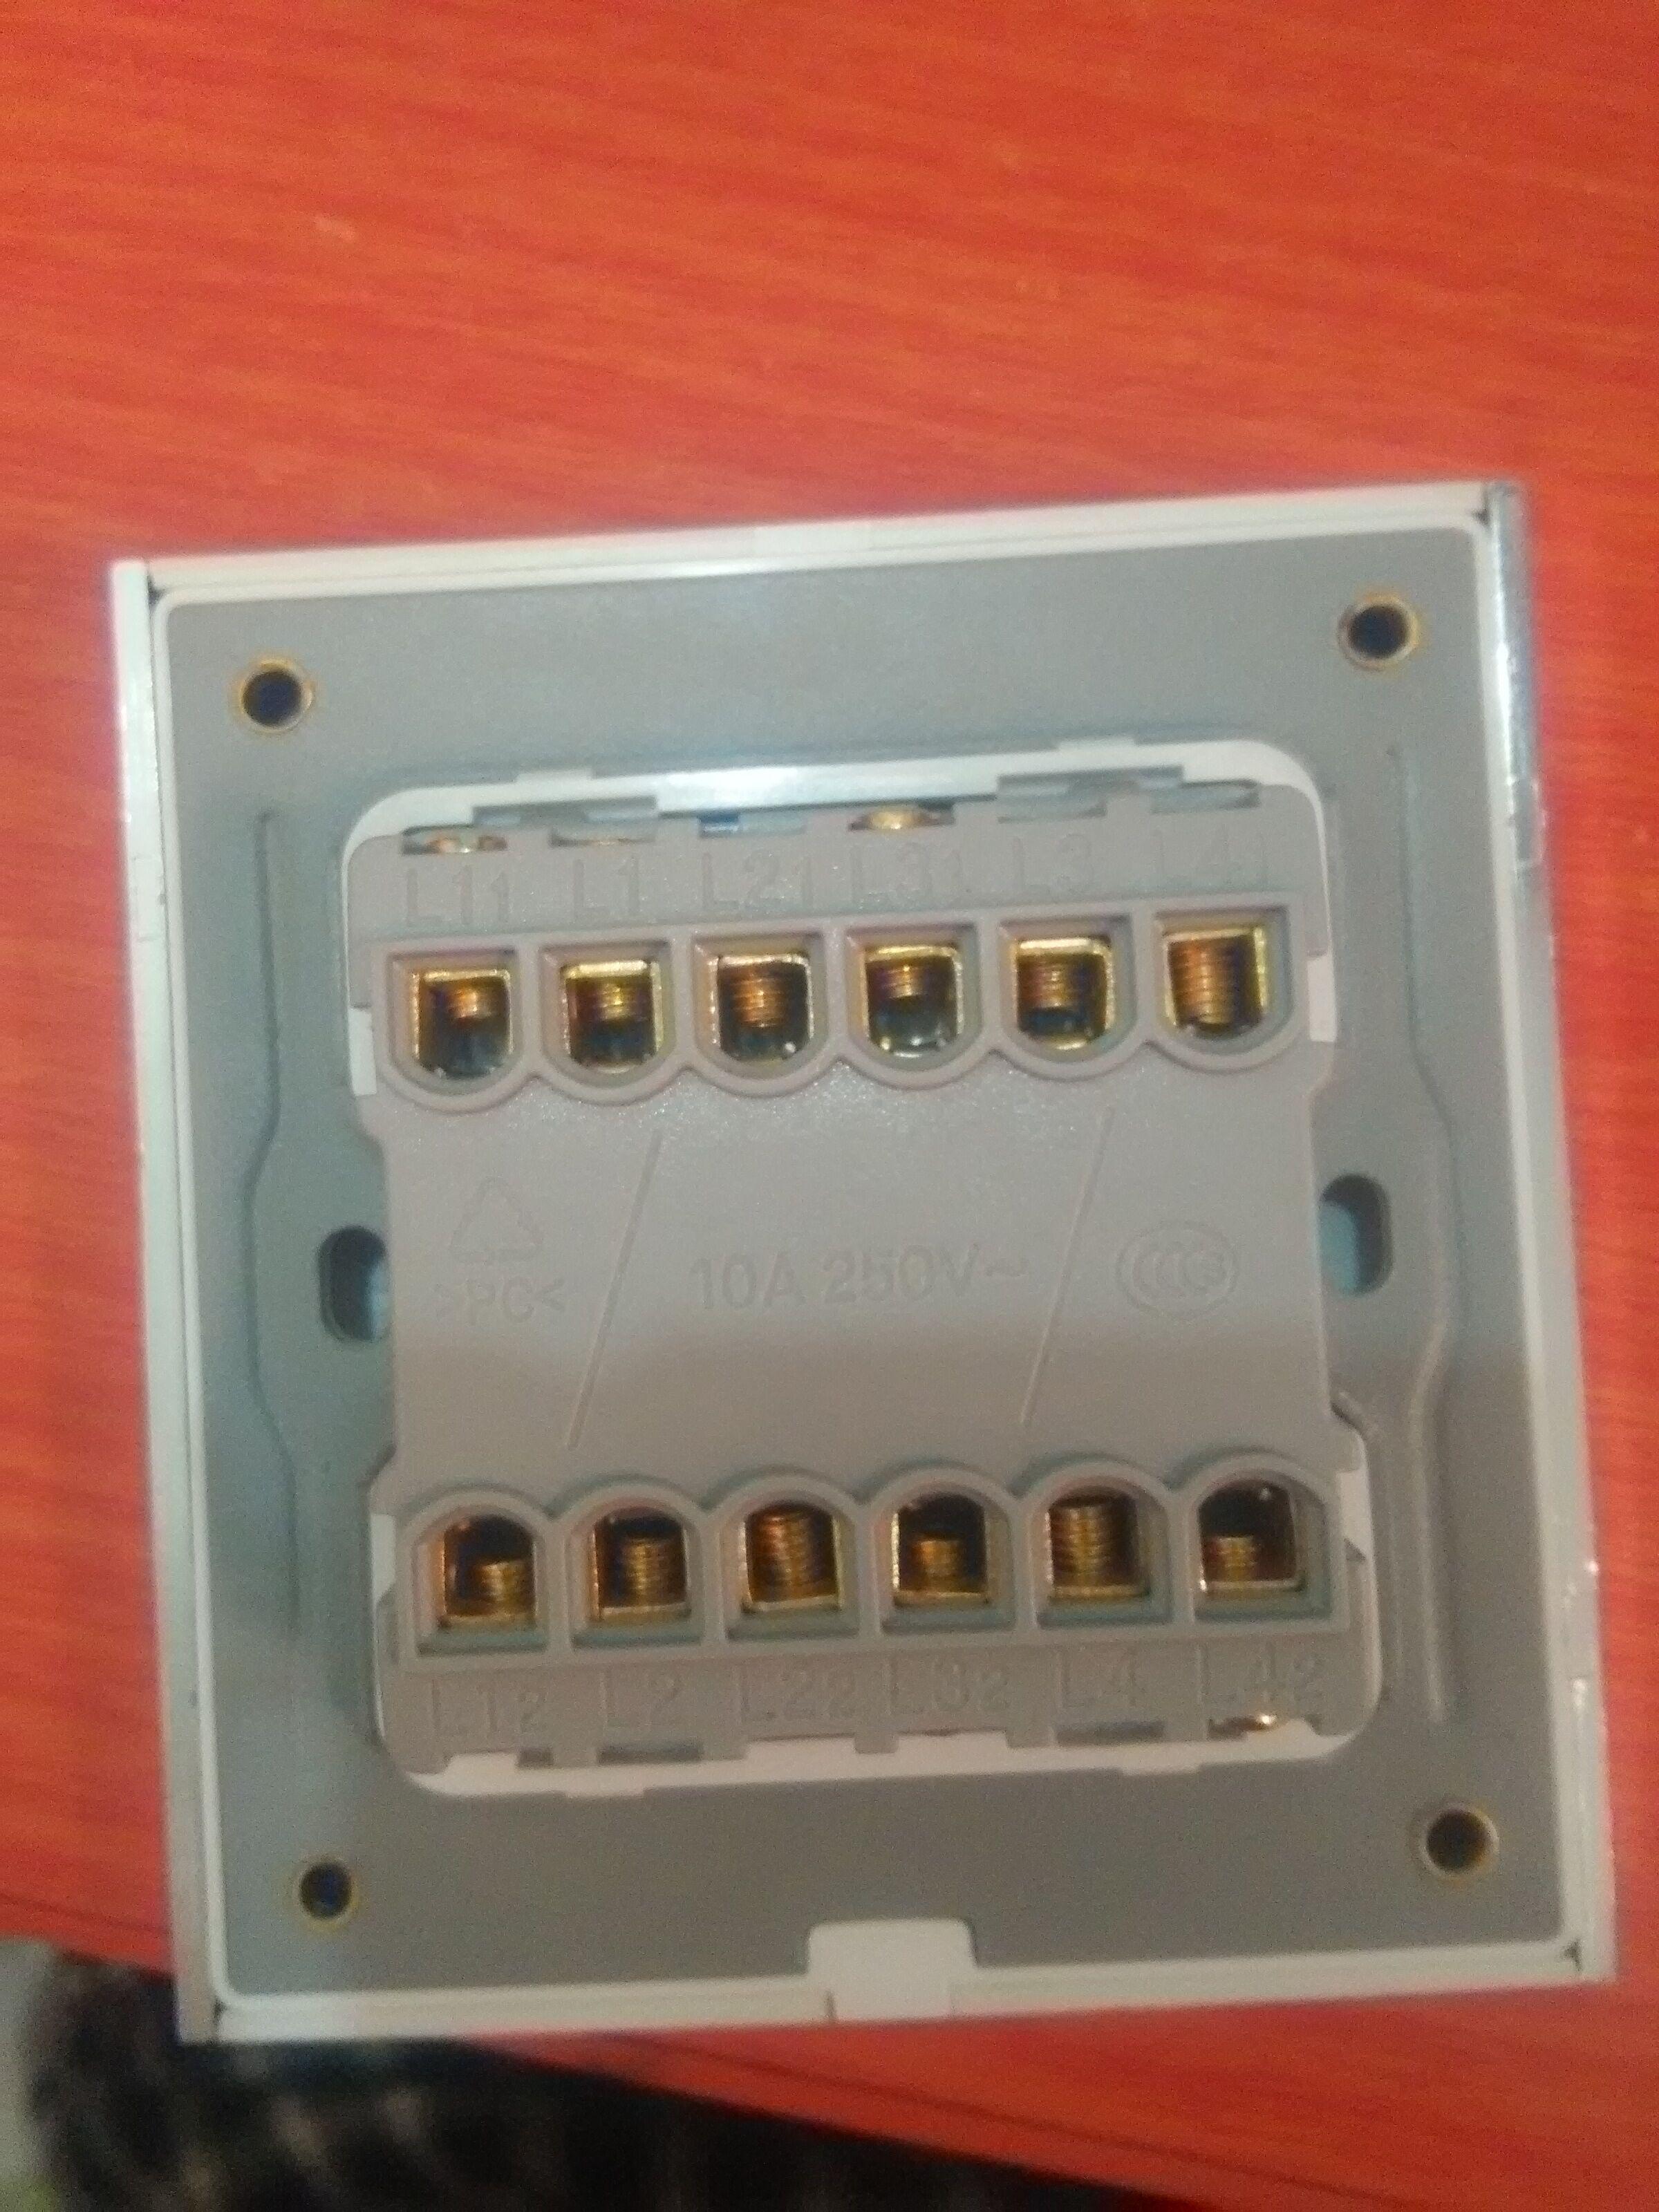 5个开关控制一个灯,怎么接线啊?